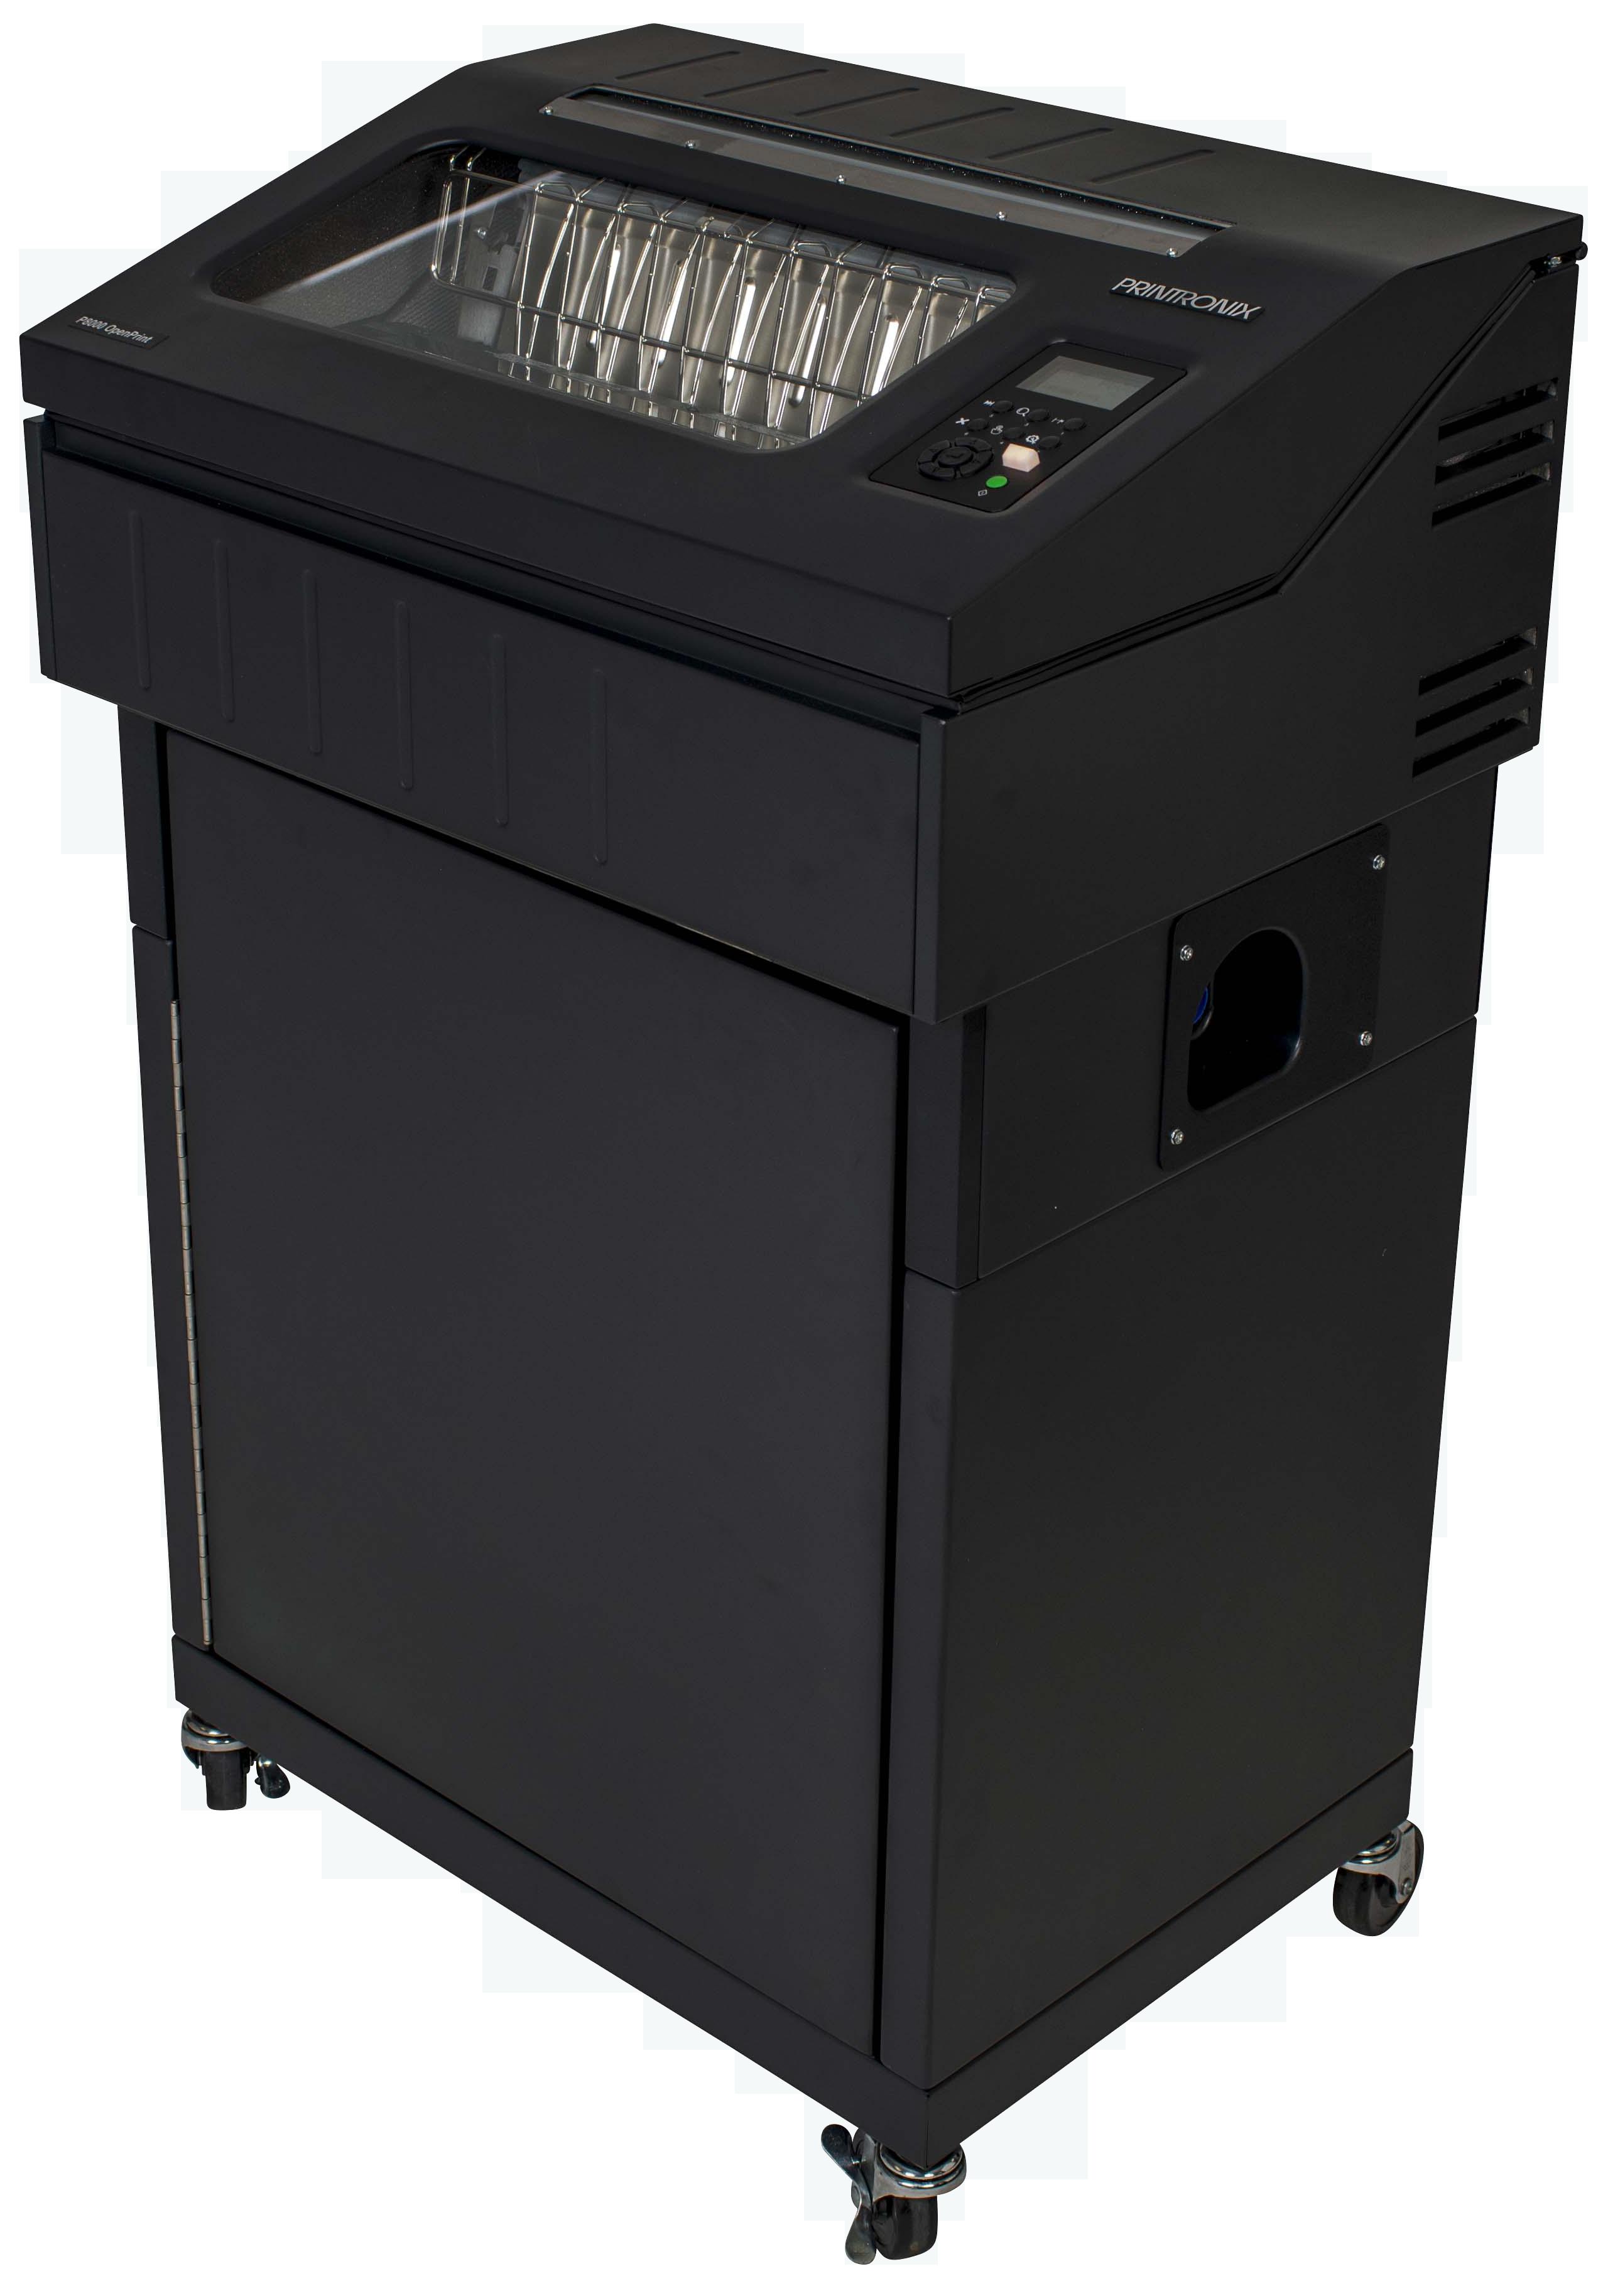 Printronix P8010ZT